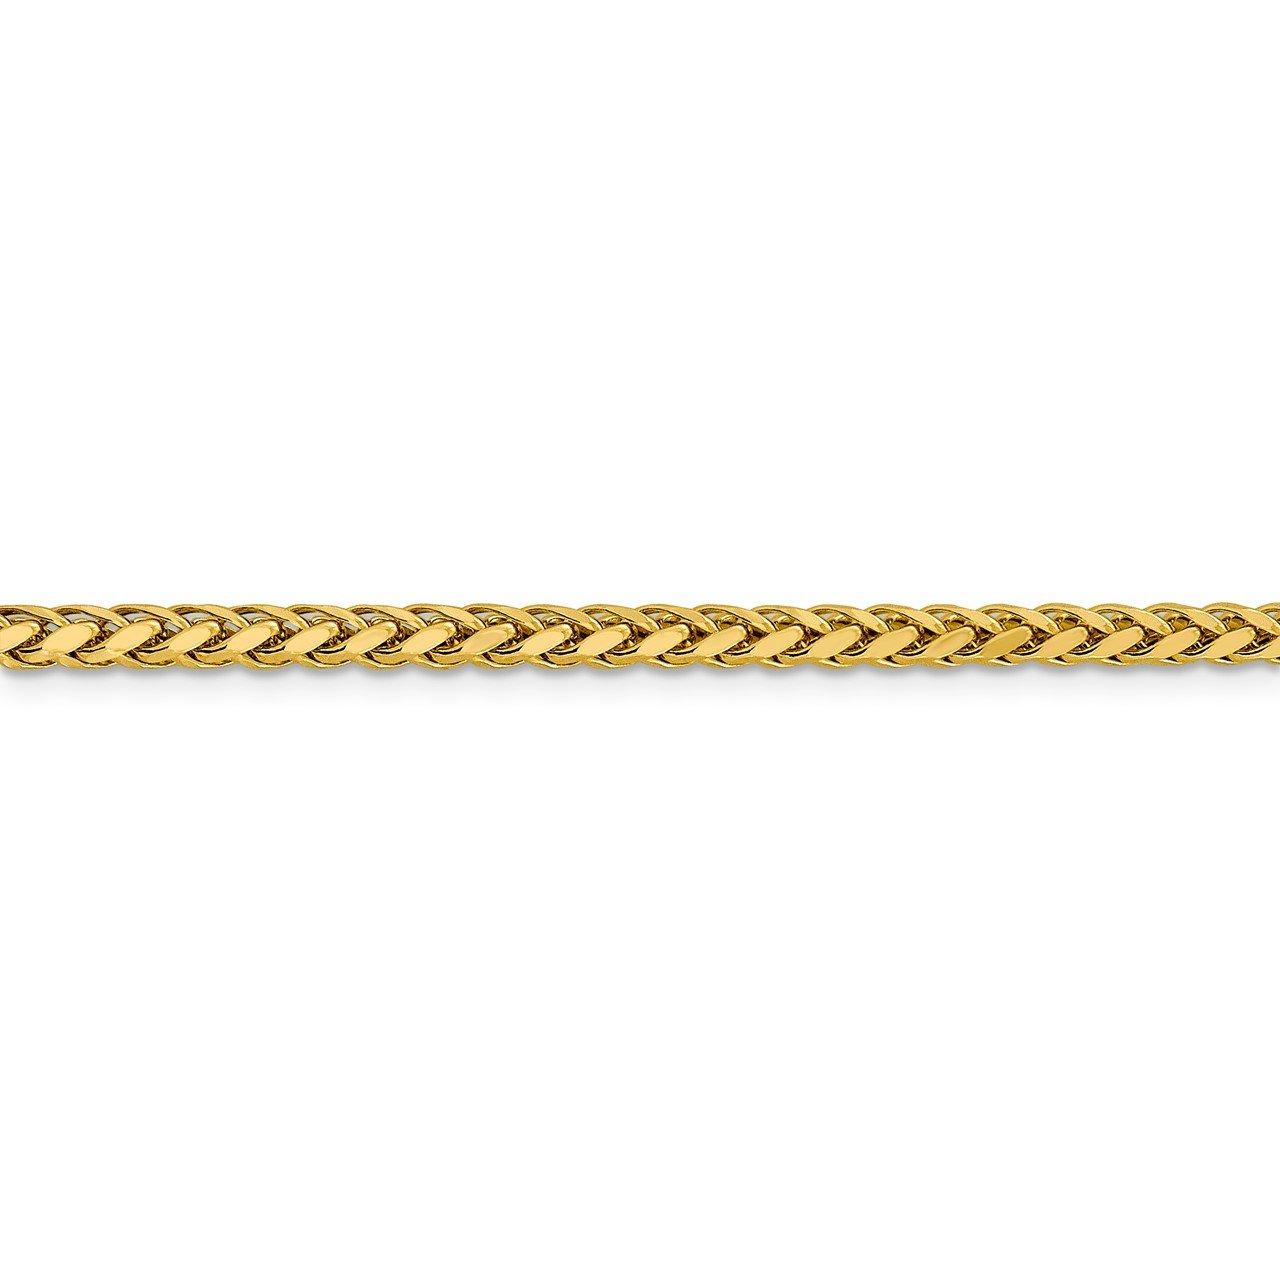 14k 3.1mm Semi-solid D/C Wheat Chain-2